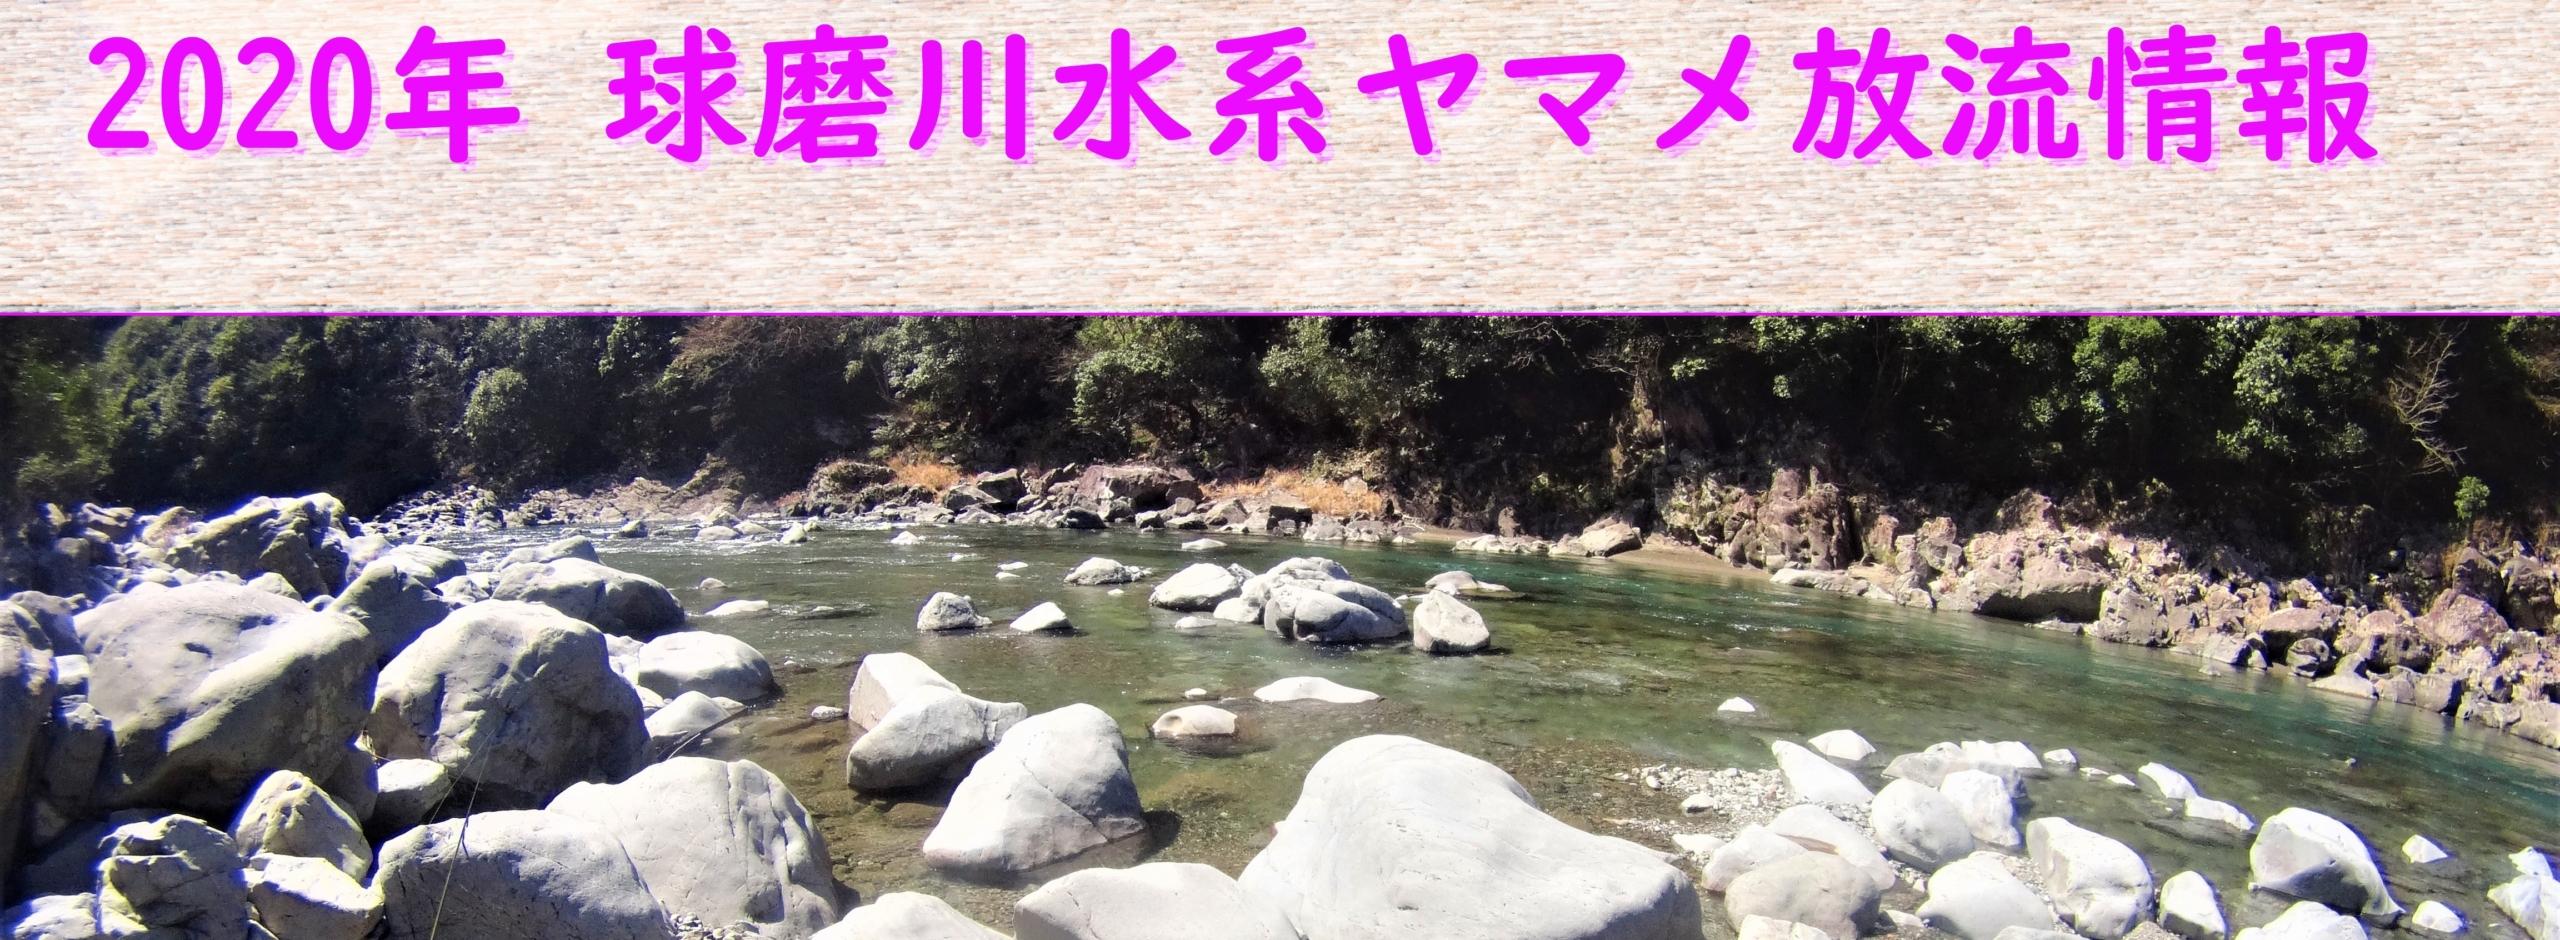 2020年 球磨川水系ヤマメ放流情報